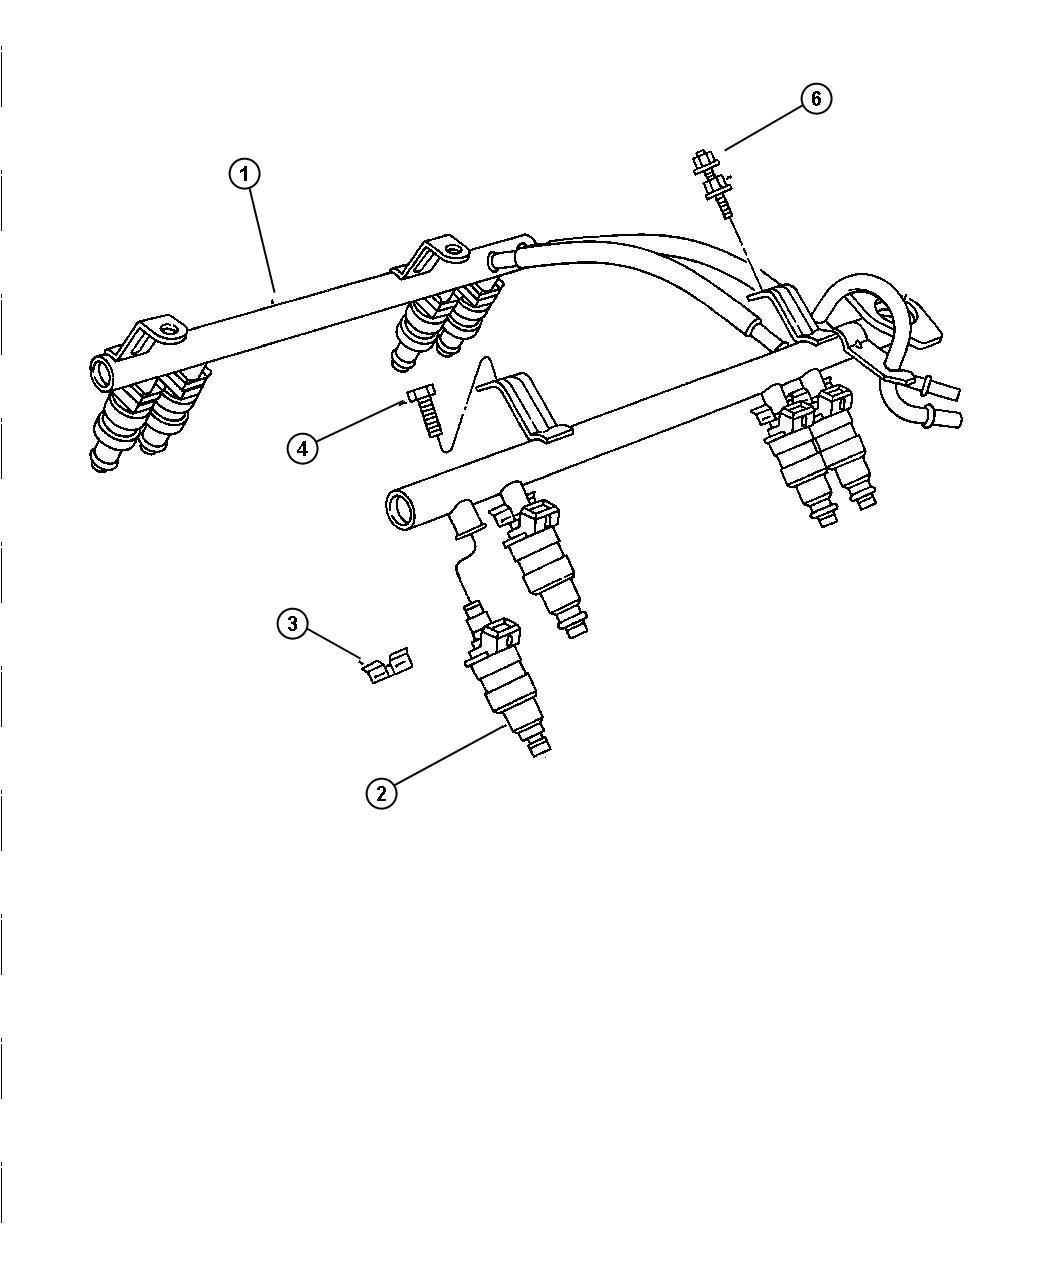 Jeep Grand Cherokee Cap. Diagnostic port, for diagnostic